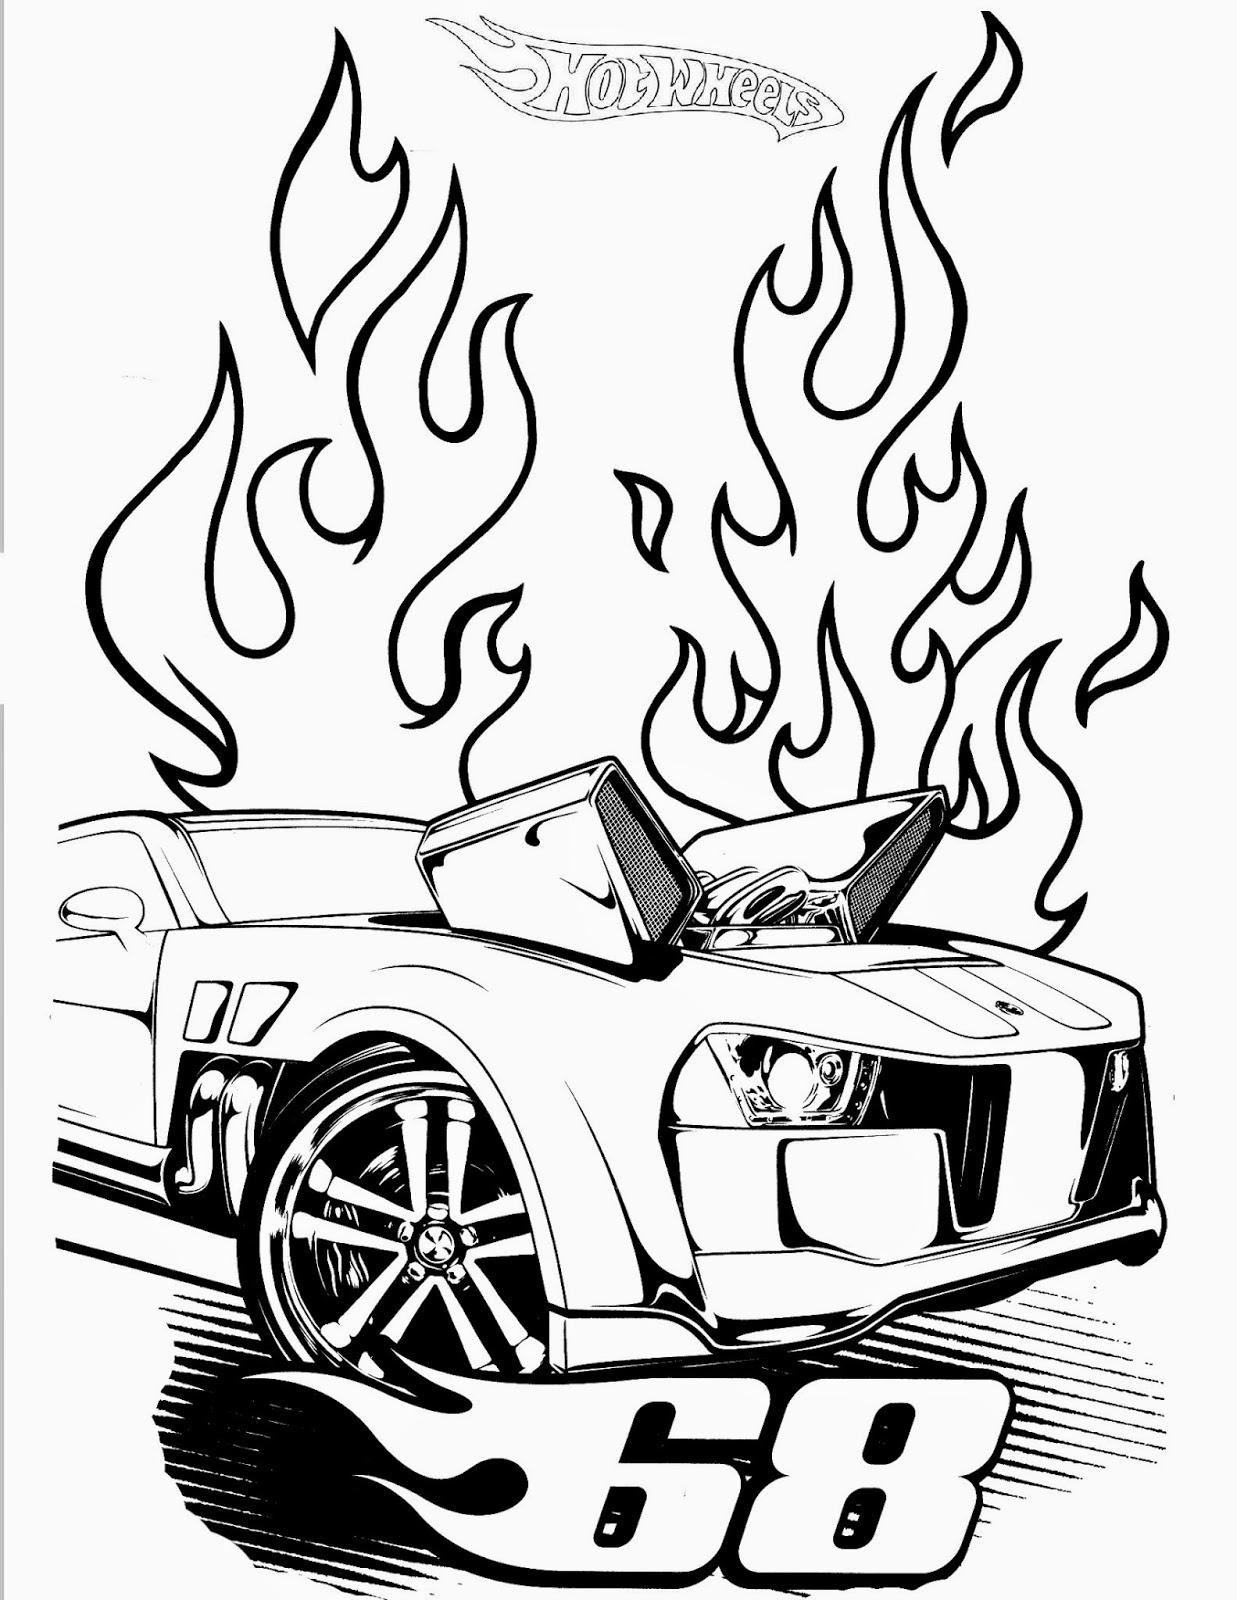 hot wheels coloring sheets printable hot wheels coloring pages for kids cool2bkids sheets hot wheels coloring 1 1